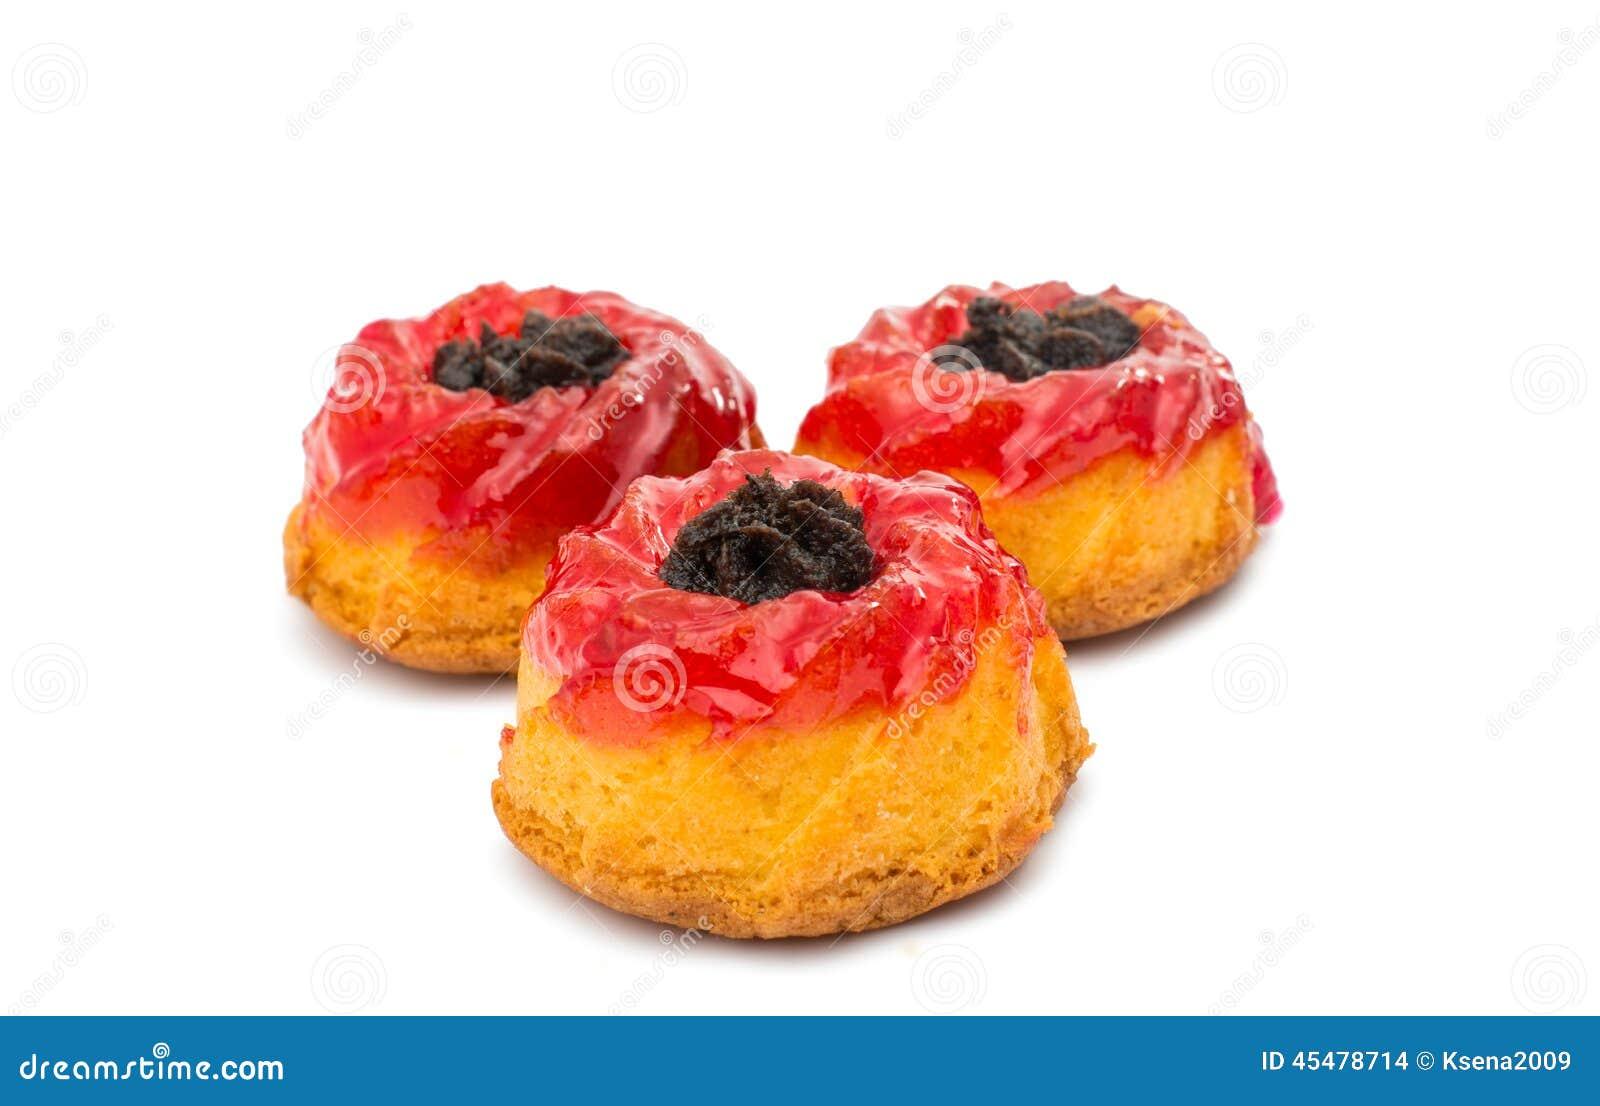 松饼用果酱